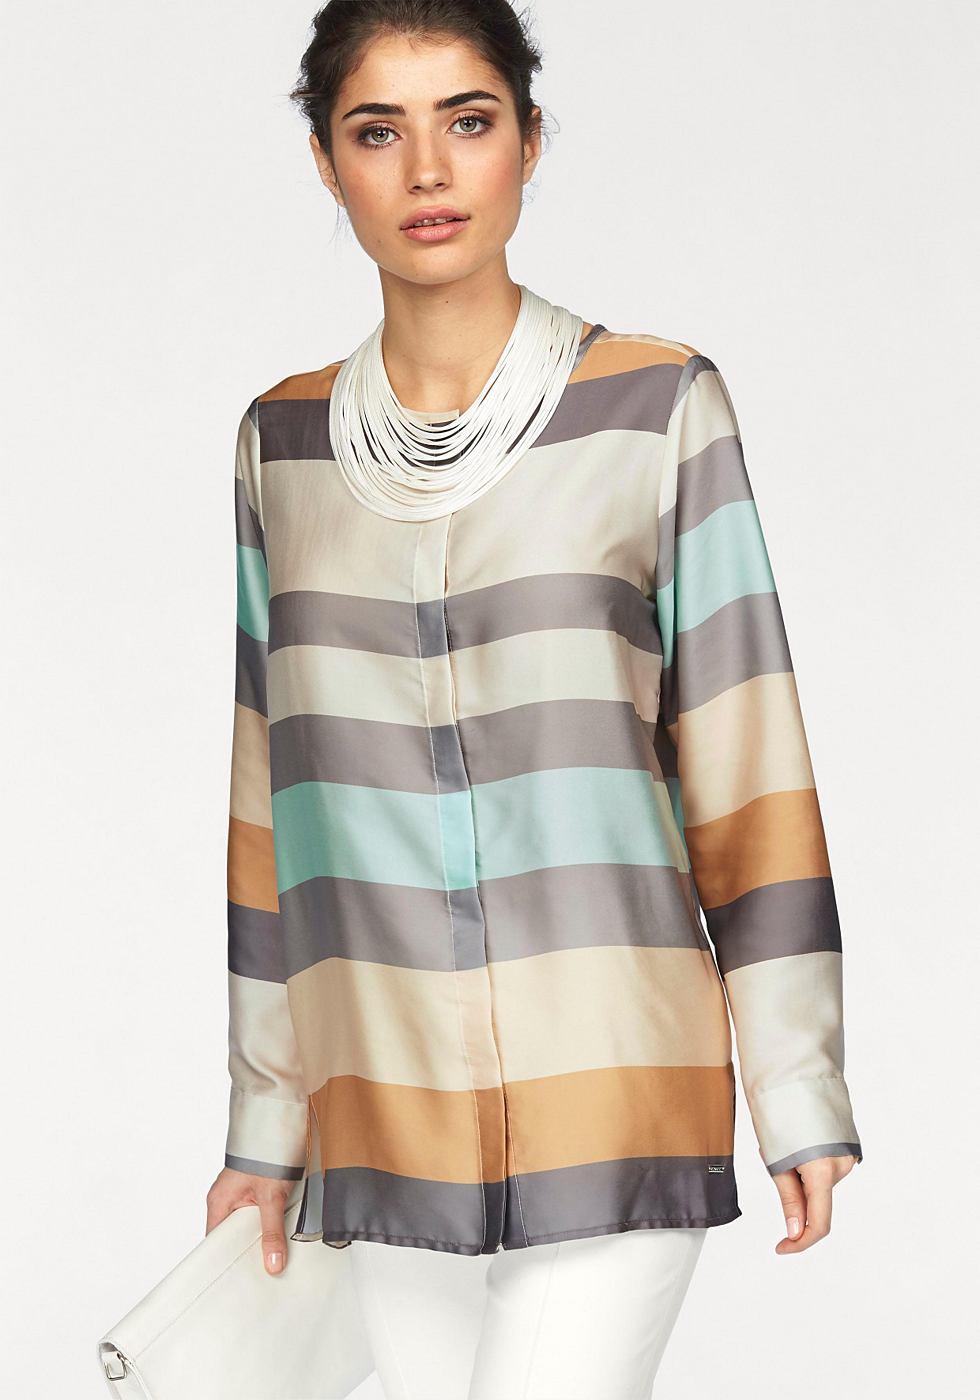 BRUNO BANANI Satijnen blouse met ronde hals